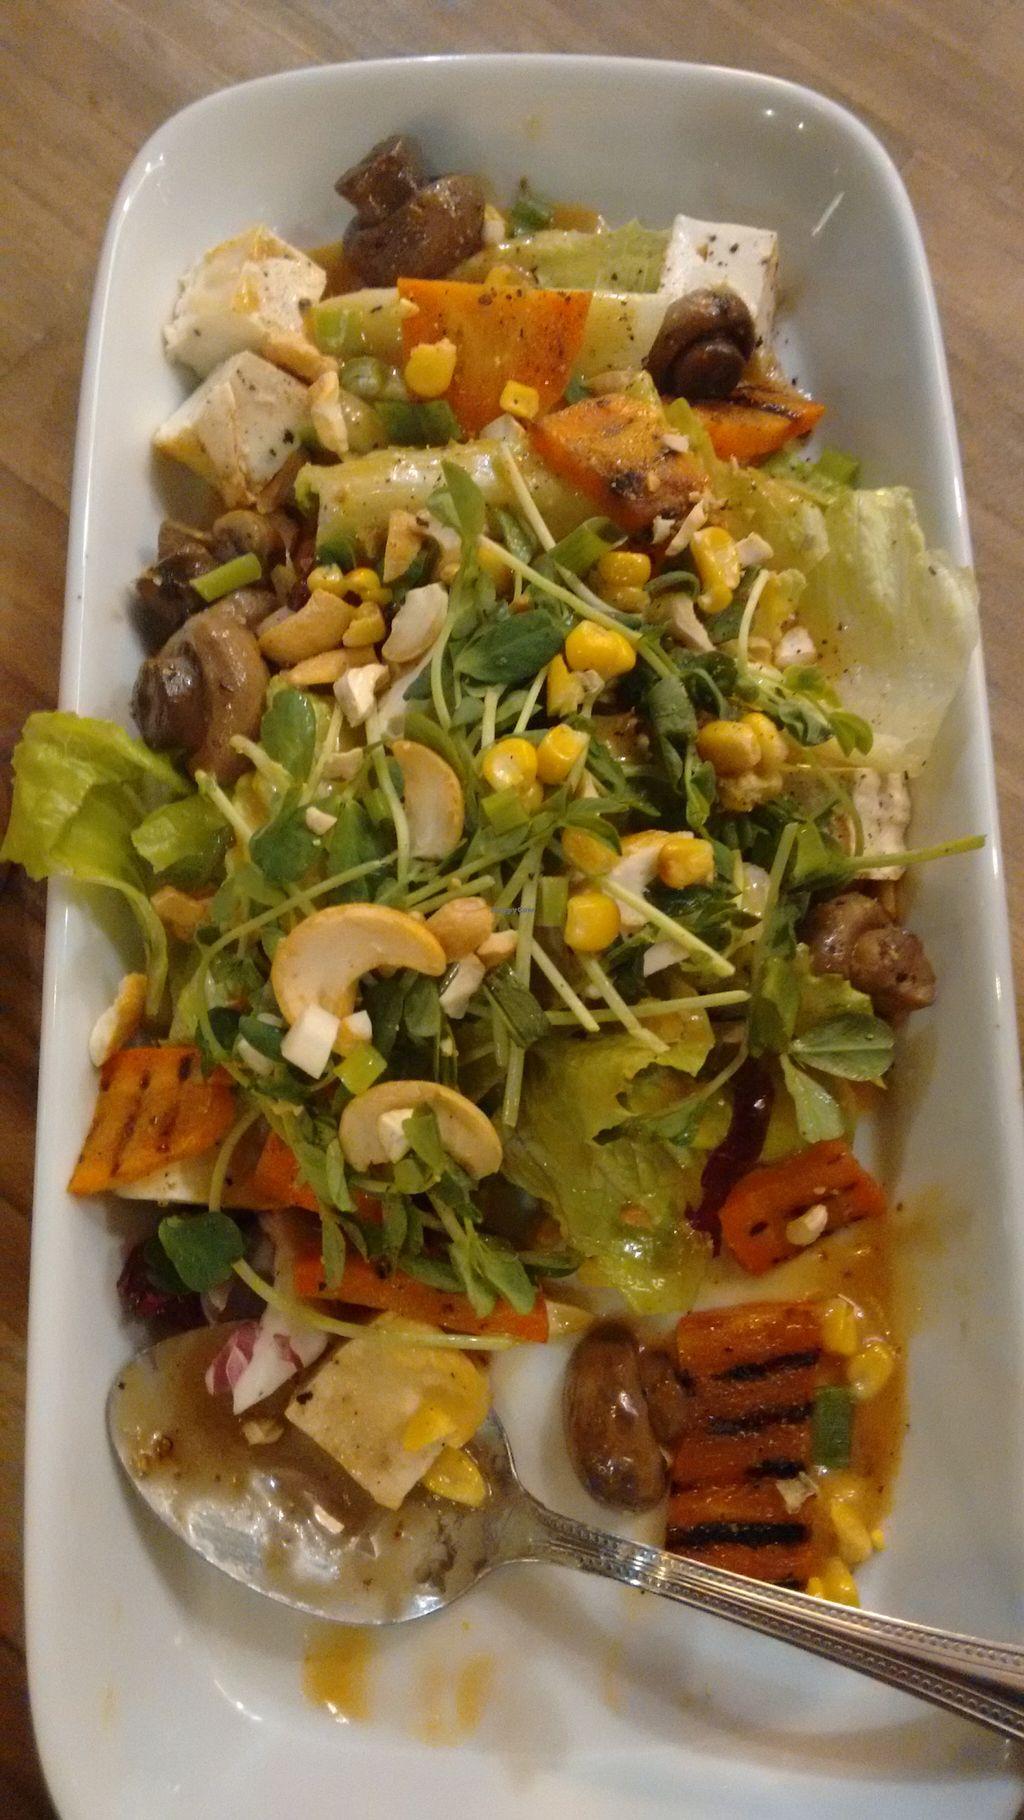 """Photo of MiaCucina My Kitchen - Tianmu  by <a href=""""/members/profile/PaulaAyumiOsakabe"""">PaulaAyumiOsakabe</a> <br/>Salad <br/> May 13, 2016  - <a href='/contact/abuse/image/44030/148858'>Report</a>"""